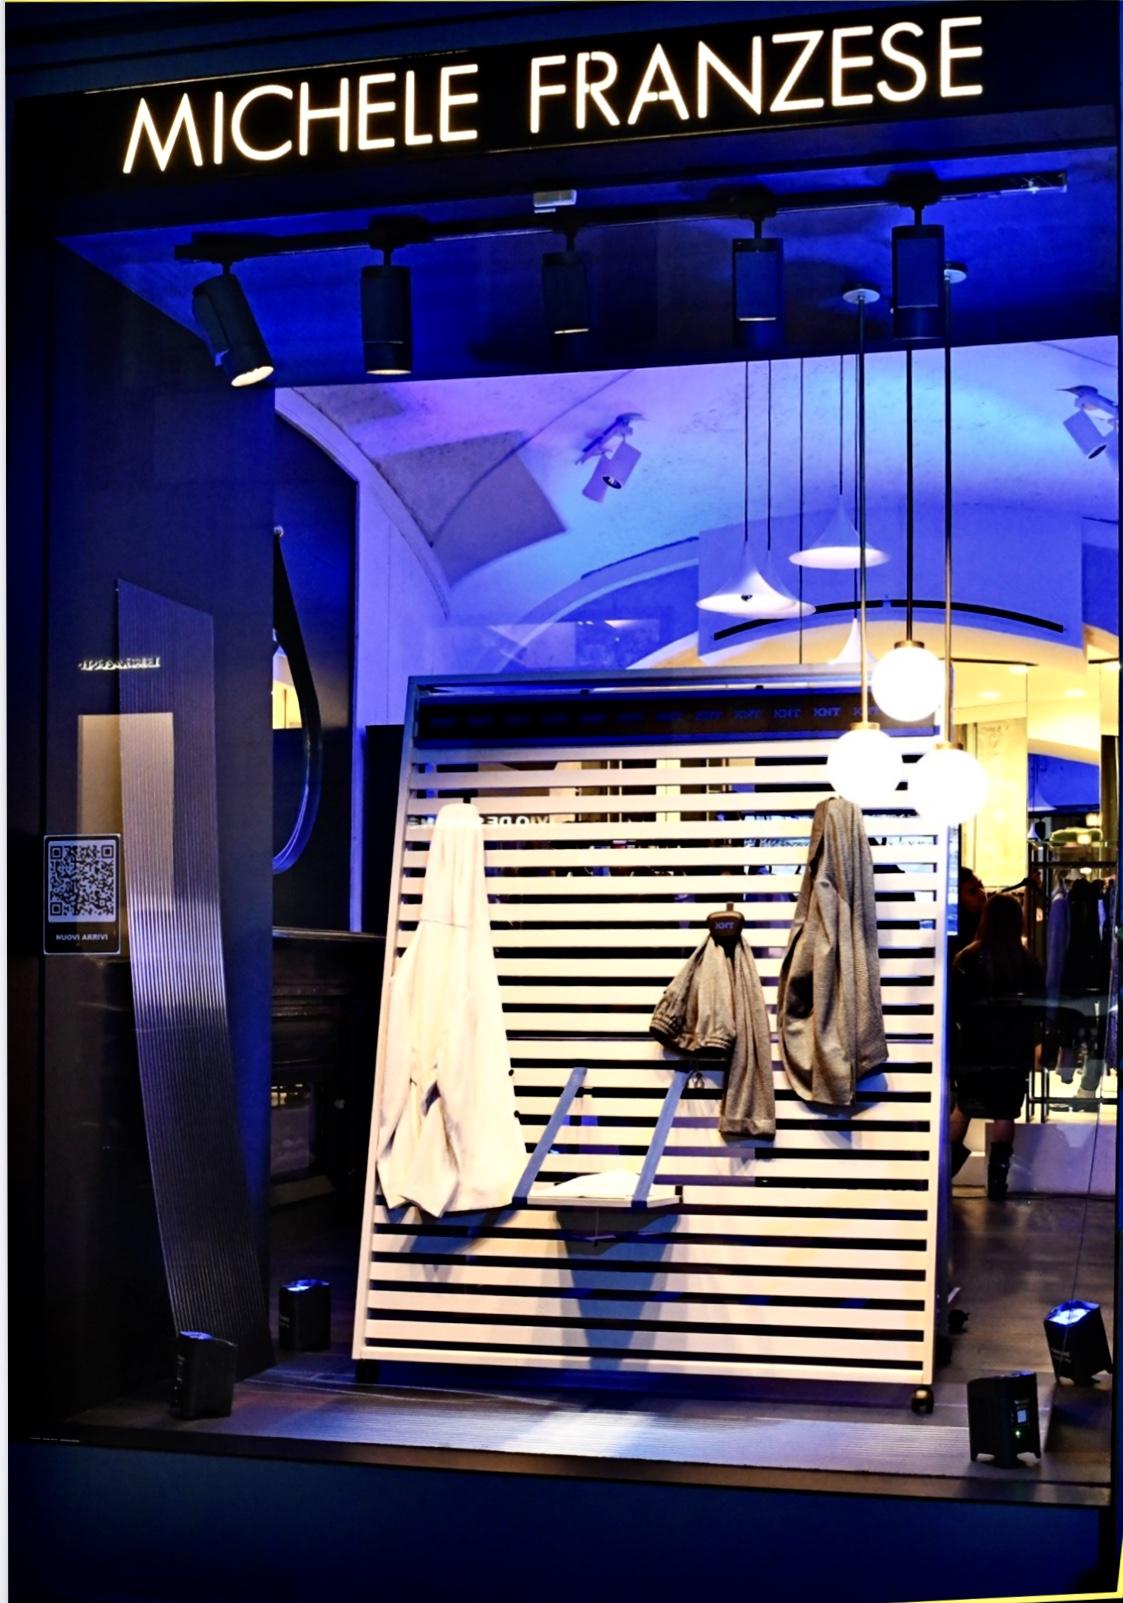 """Il mondo e la mission di """"Michele Franzese moda"""": vivere, sorprendere, creare emozioni. SS20: saldi fino al 50% e un assistente virtuale per lo shopping on line."""